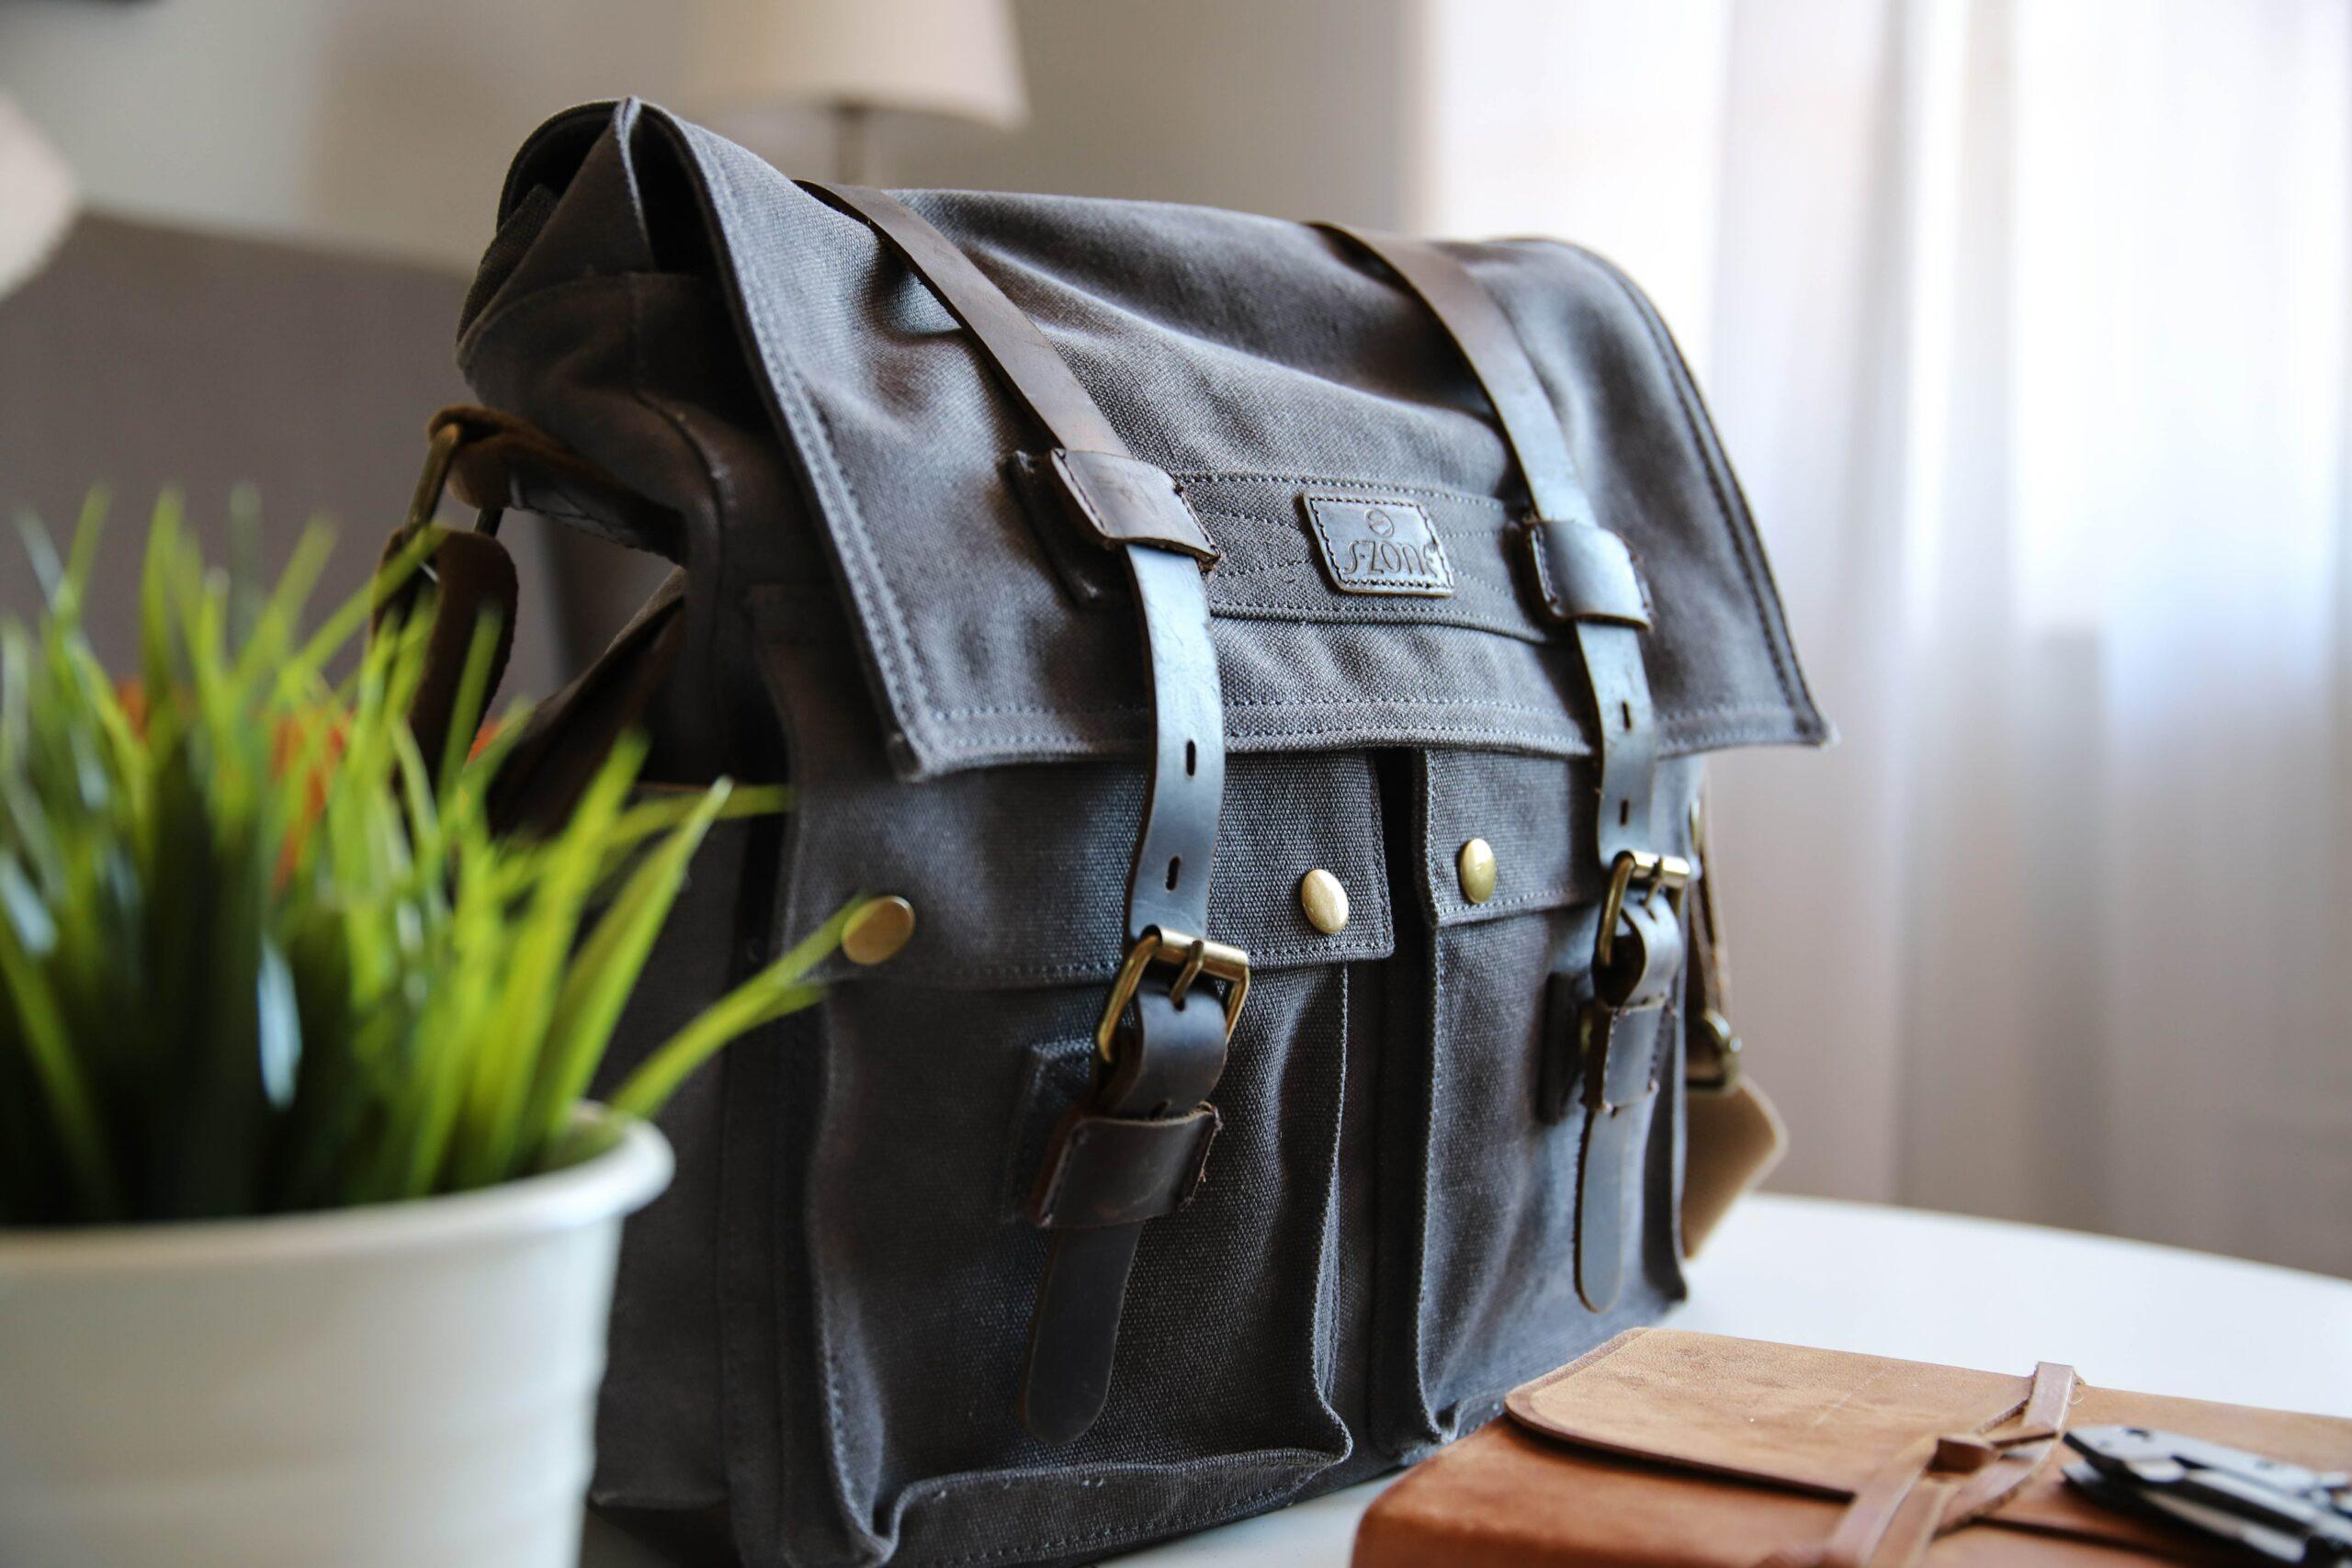 a teacher using a satchel backpack